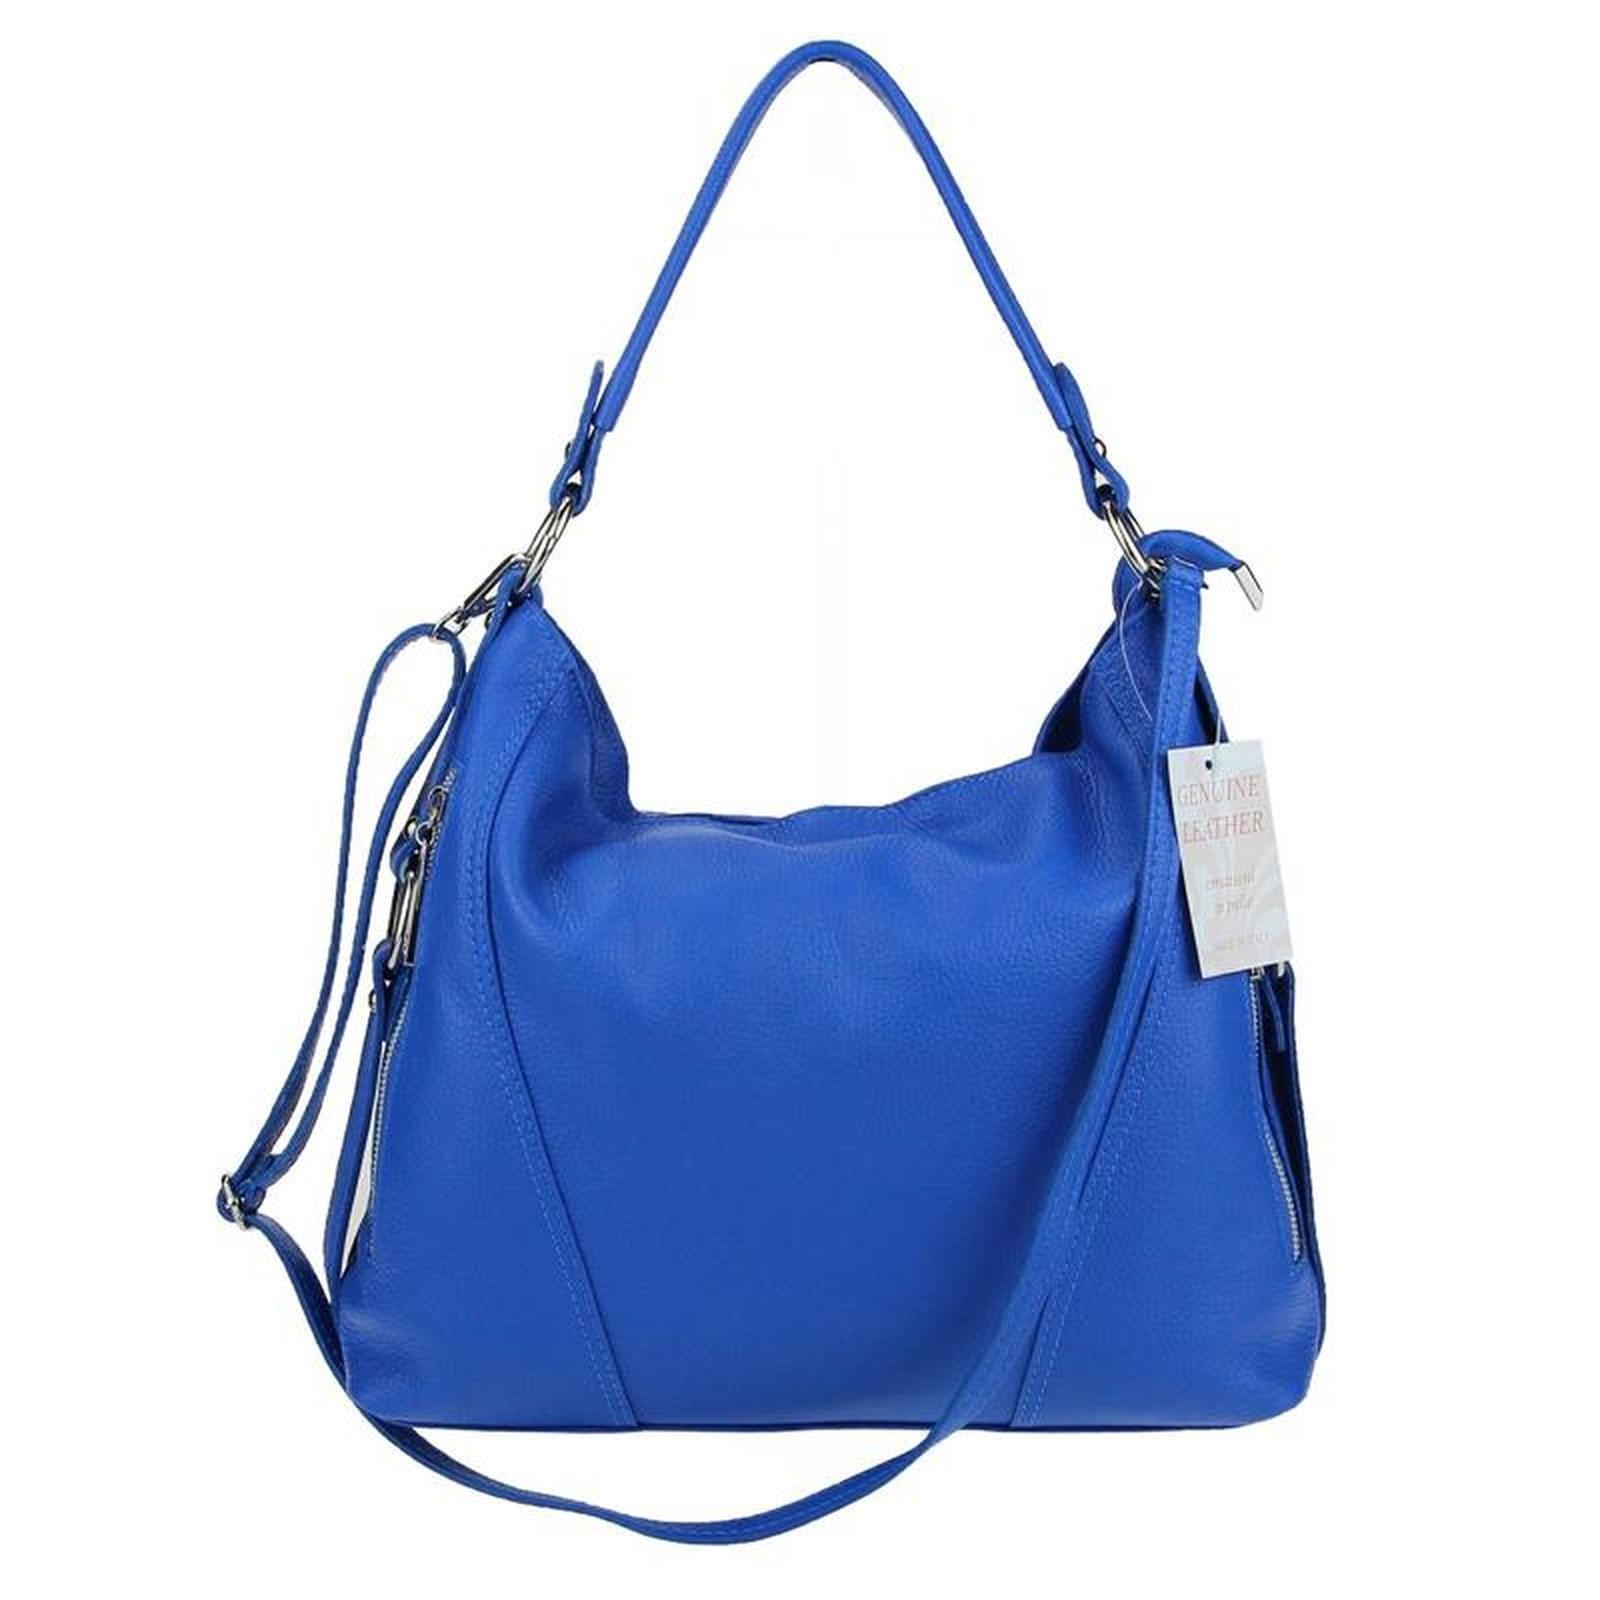 Made in Italy echt Leder Vera Pelle Shopper Henkeltasche Umhängetasche Tasche in vielen Farben #aztec